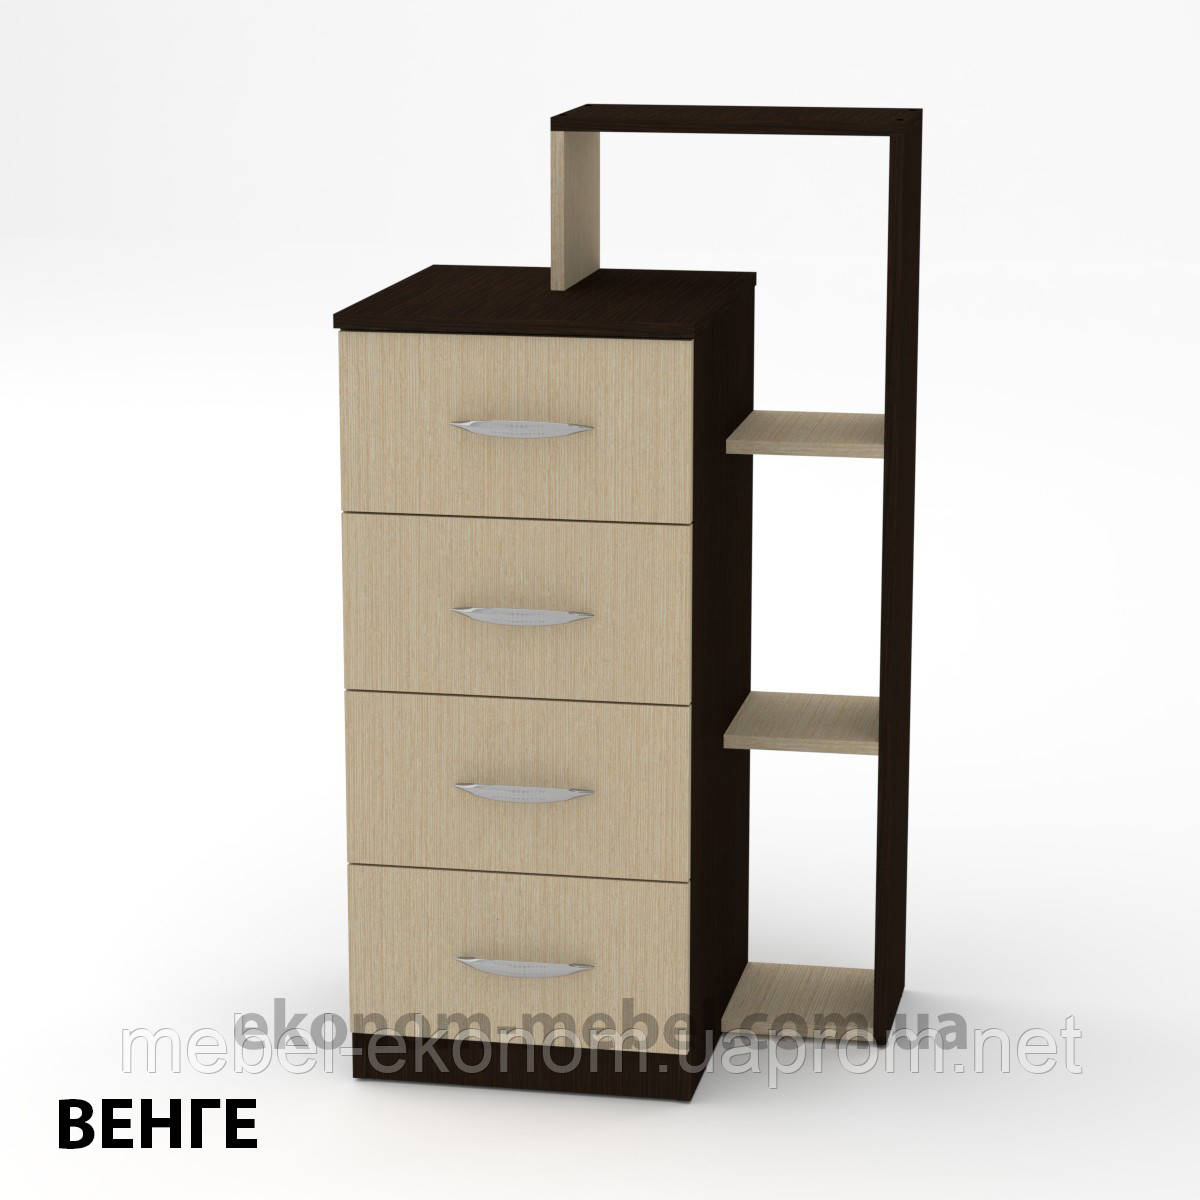 Комод 4-1 на 4 ящика с открытыми полками для спальни, ДСП